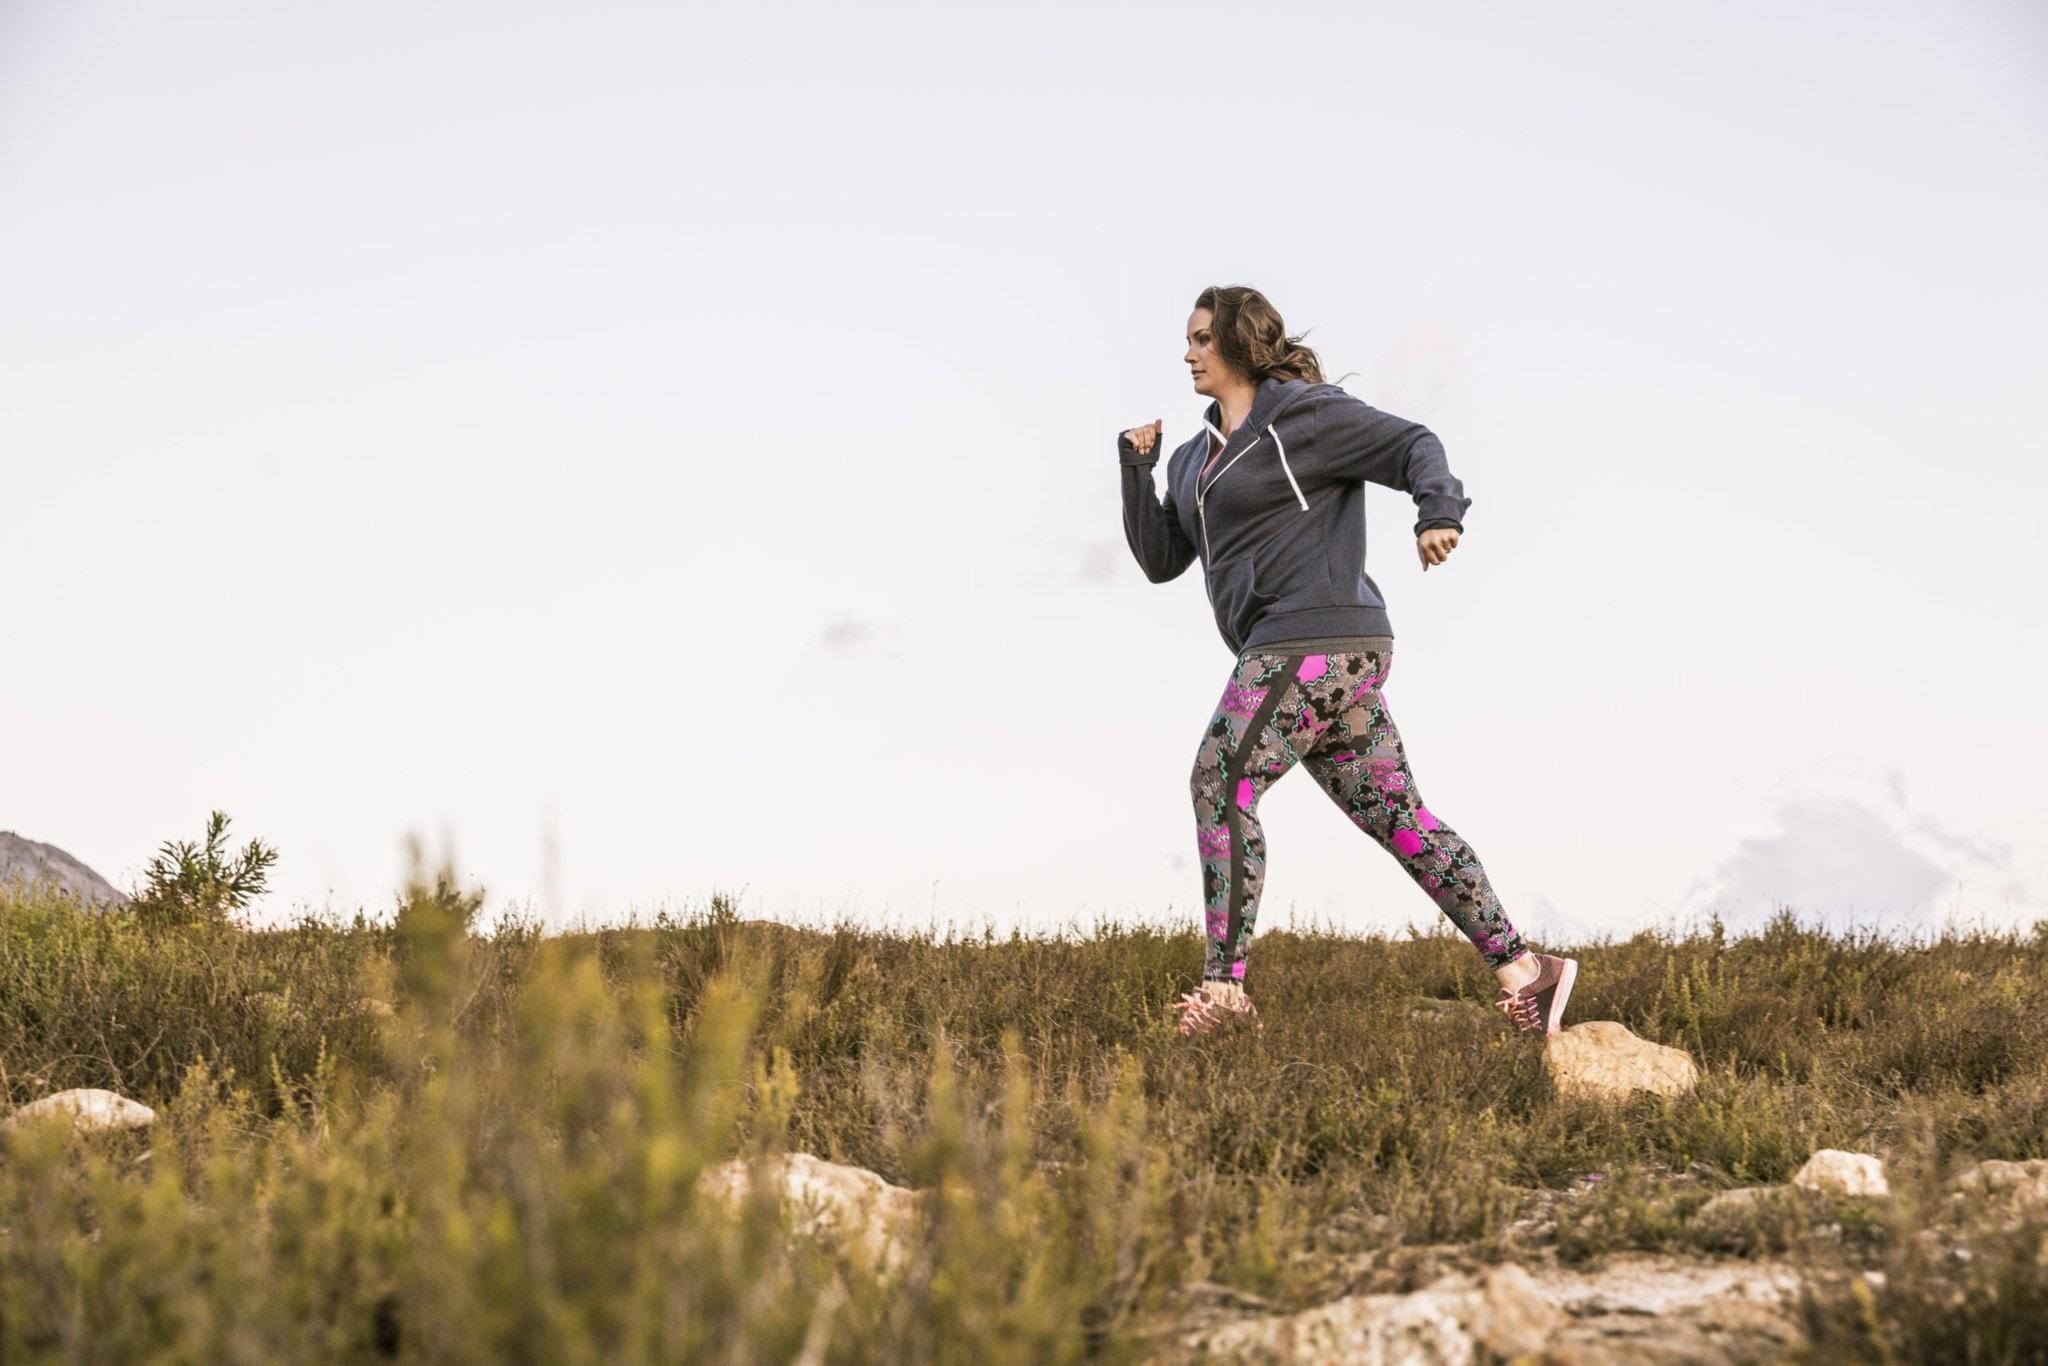 Frau mit kräftigen Beinen läuft auf einer Wiese